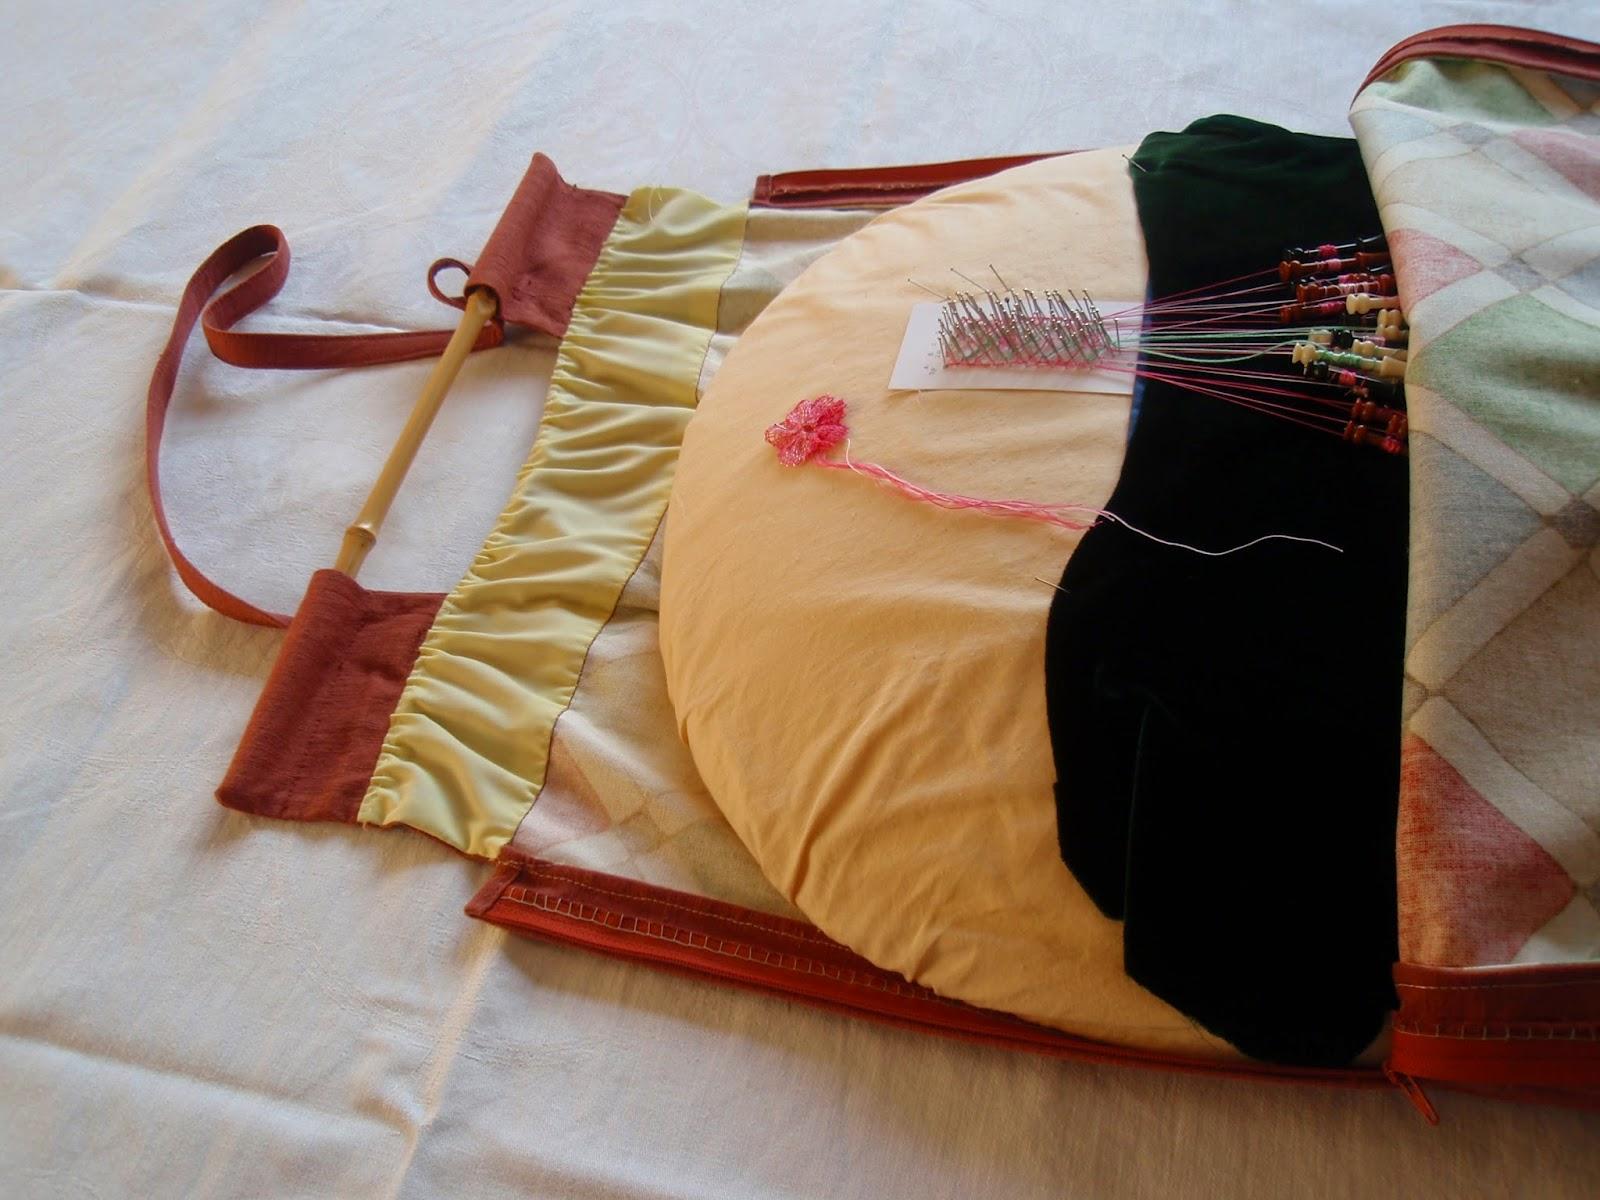 Bobbin lace and a bag